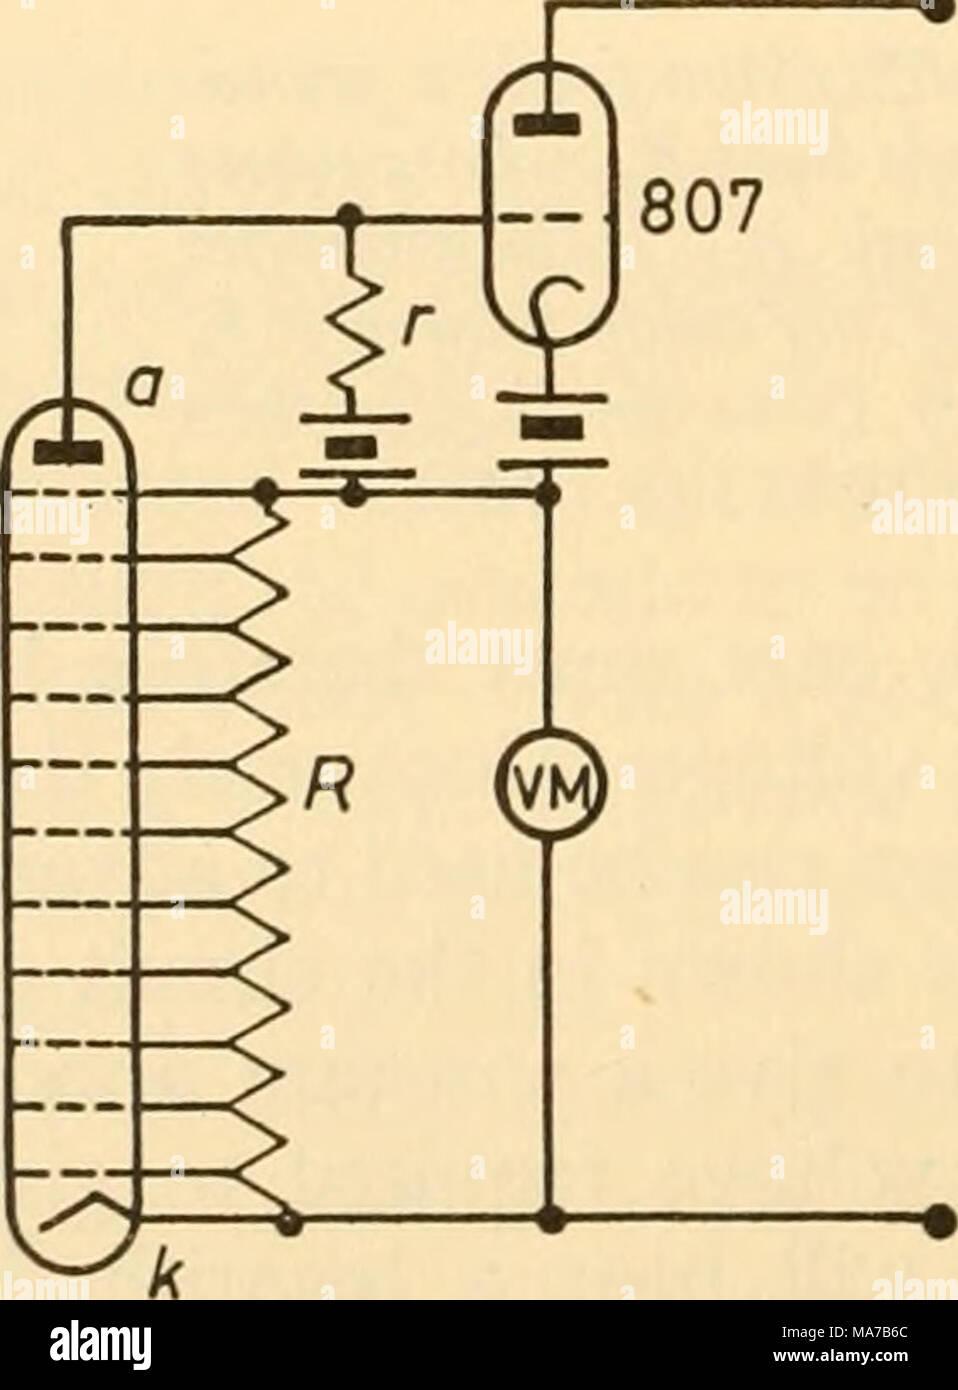 Circuito Basico : Aparelho eletrônico para pesquisa biológica . u2022 ? figura 28 32 1500